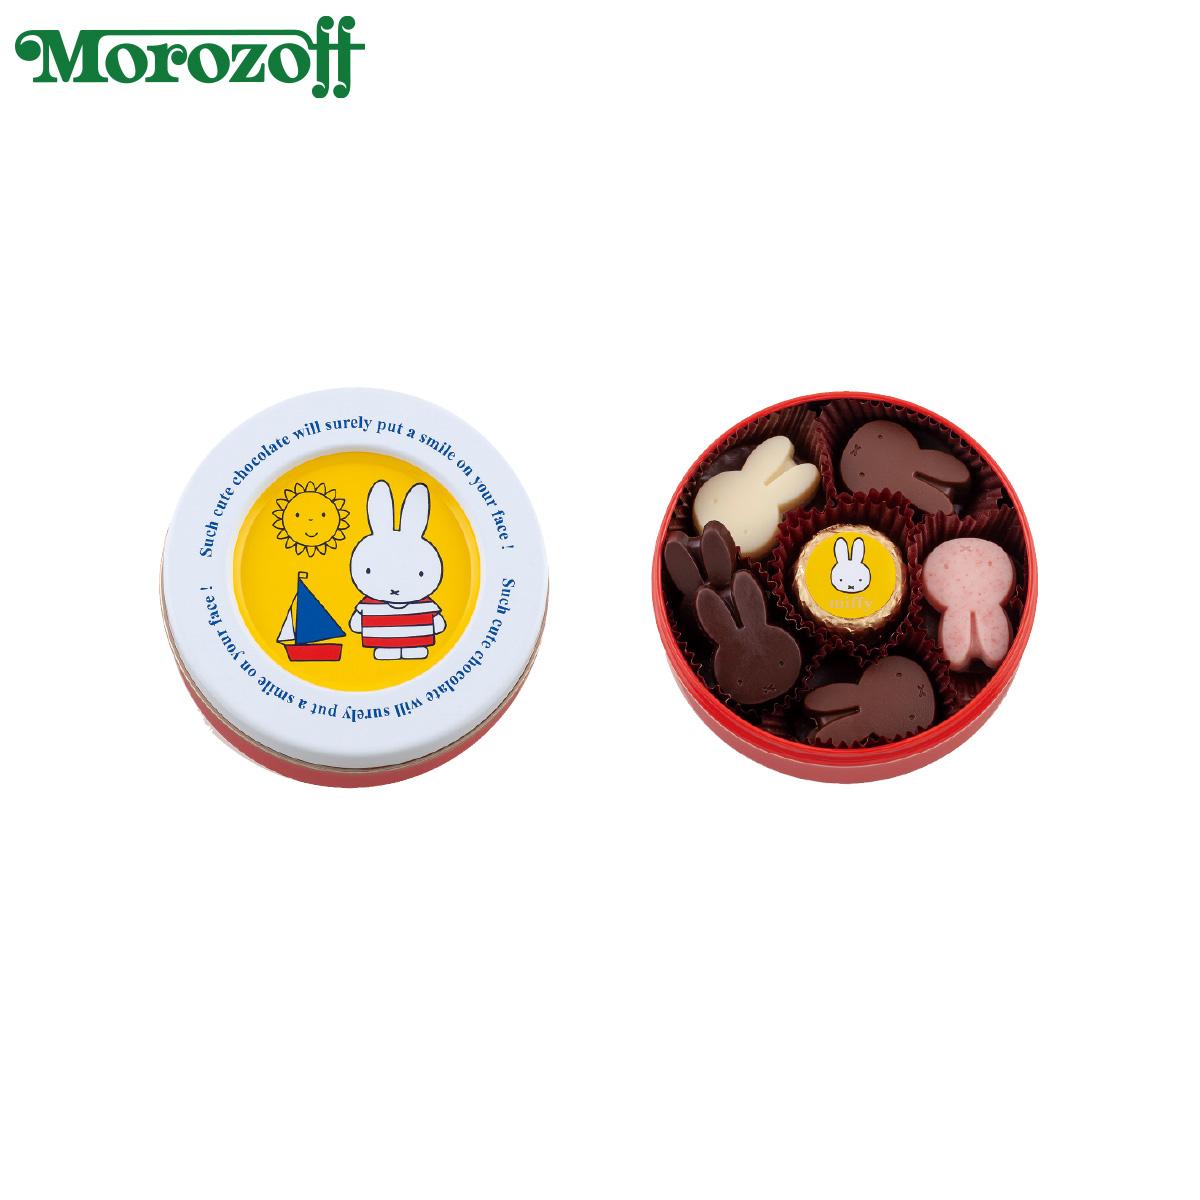 チョコレート 憩室 炎 40歳以上は必見!憩室炎の食事療法 [療養食・食事療法]